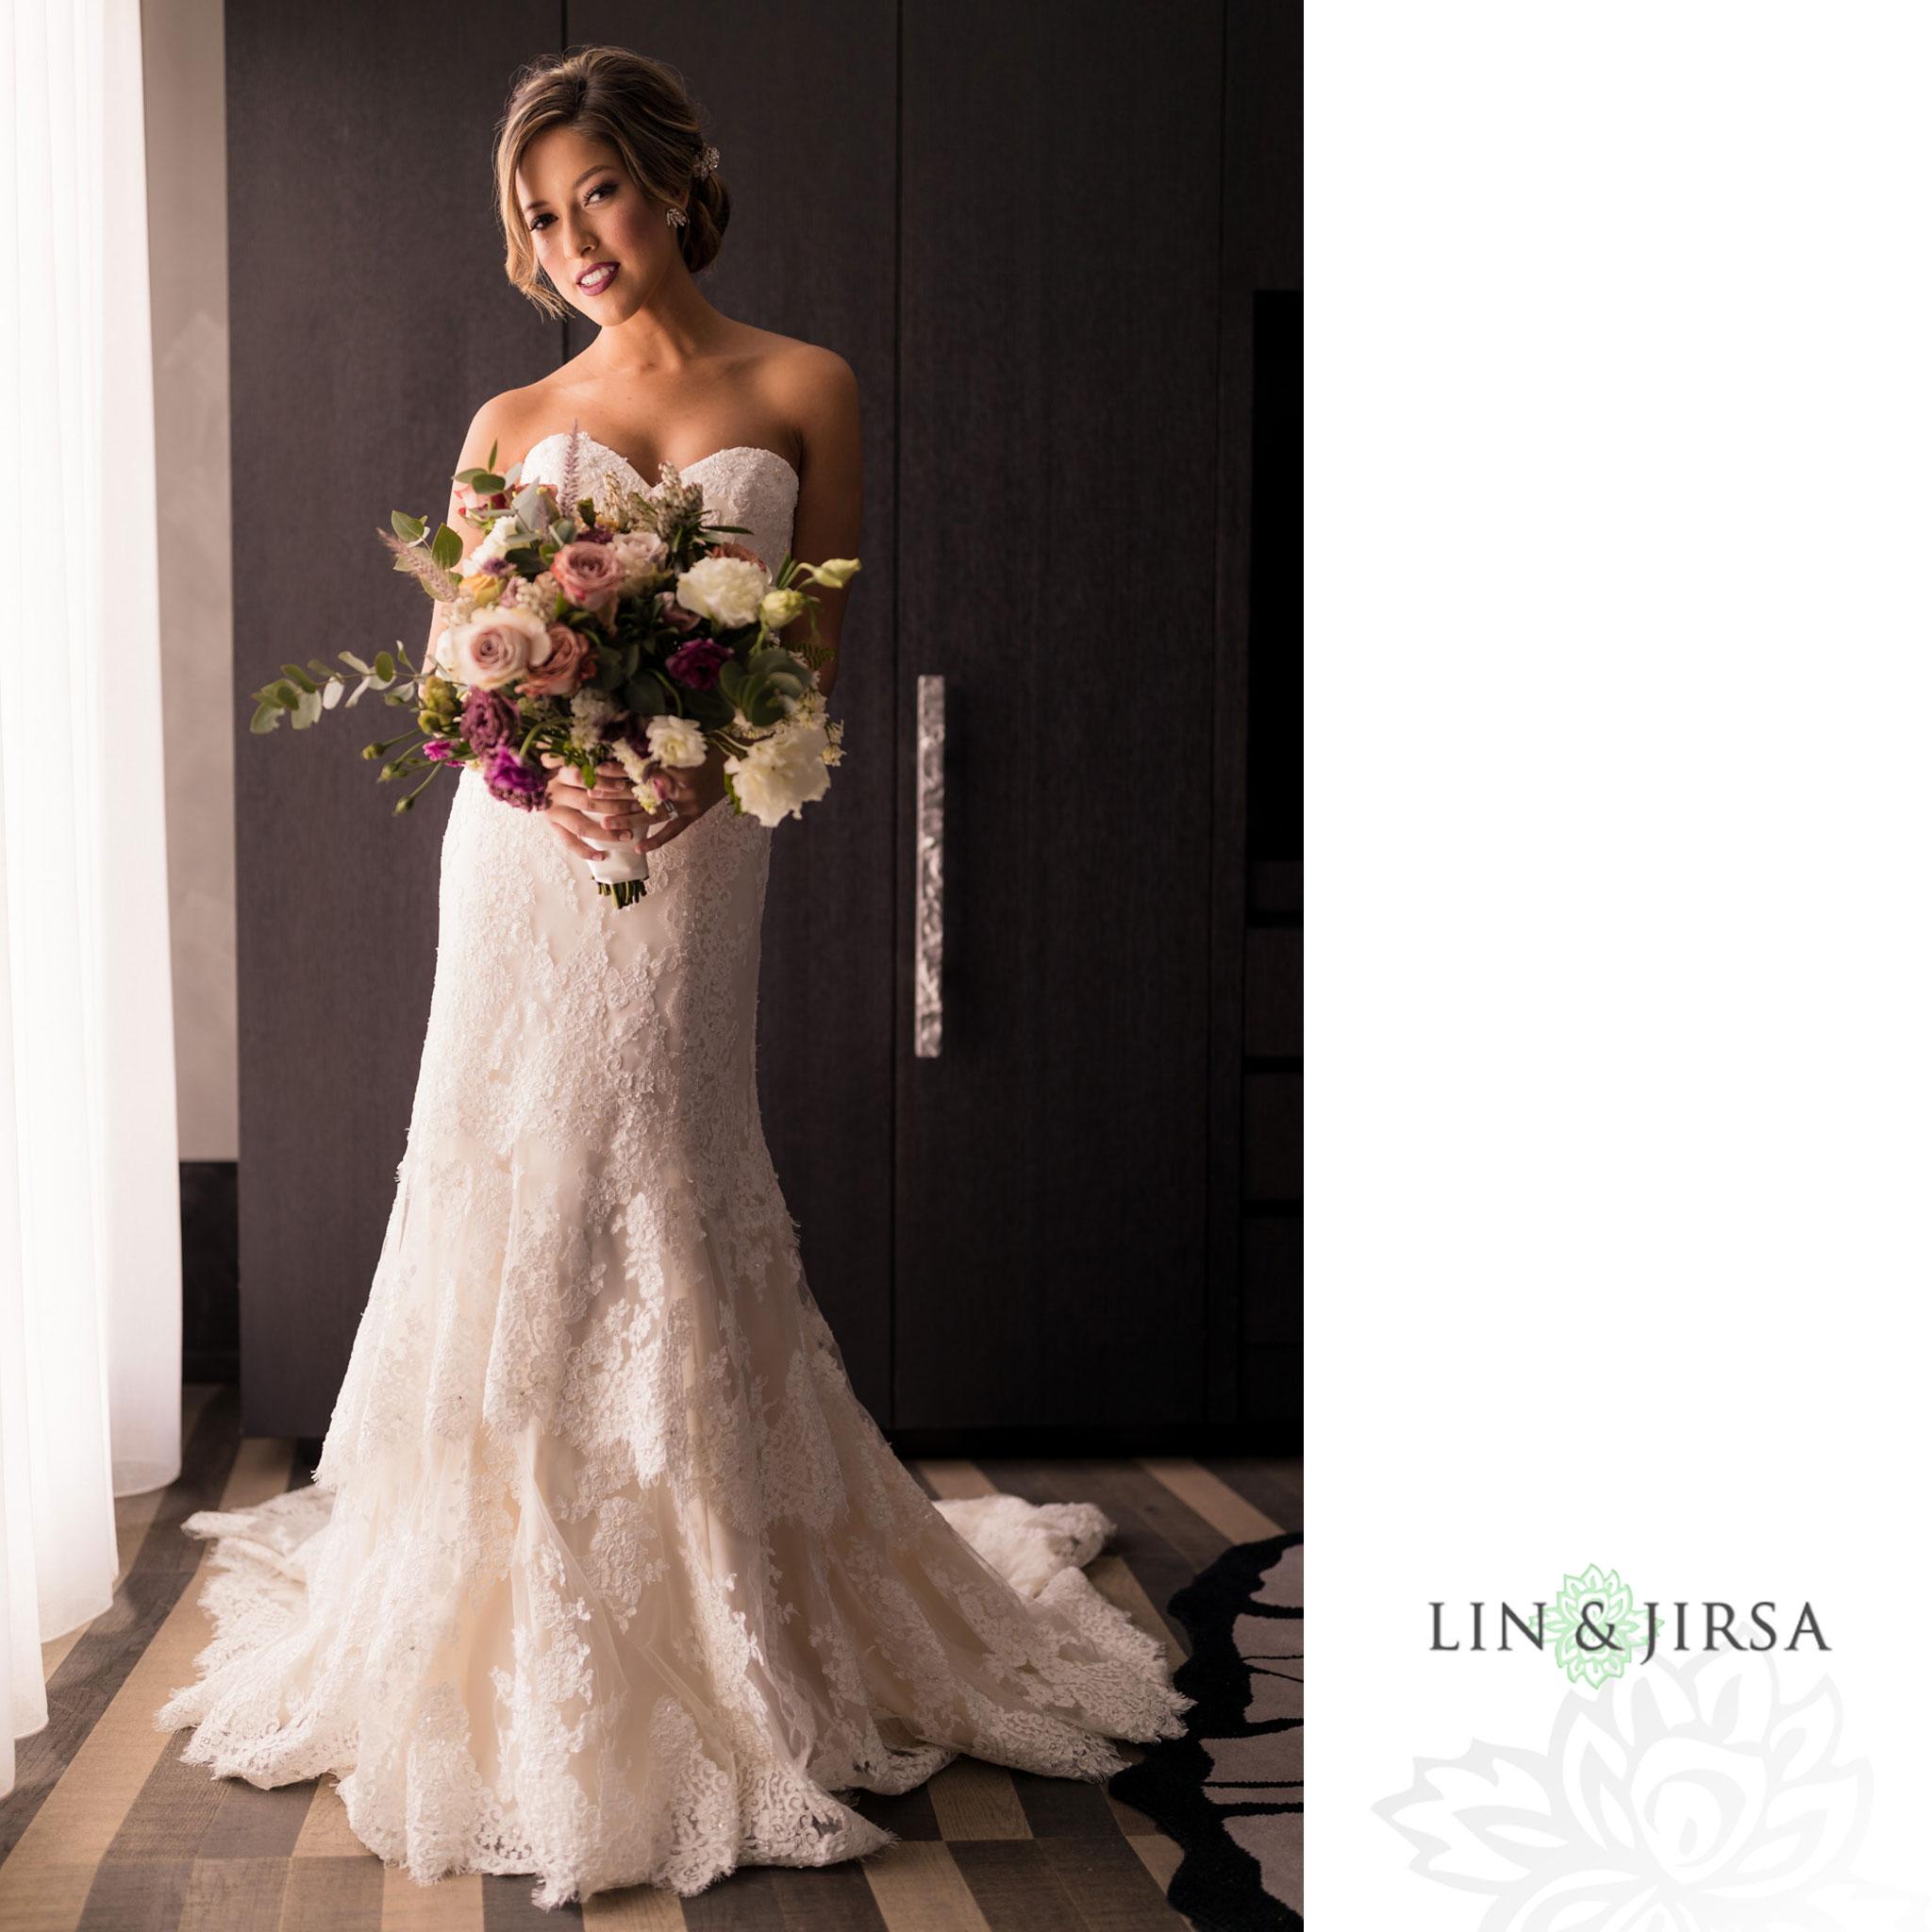 07 Kimpton La Peer Hotel West Hollywood Stylized Wedding Photography 1